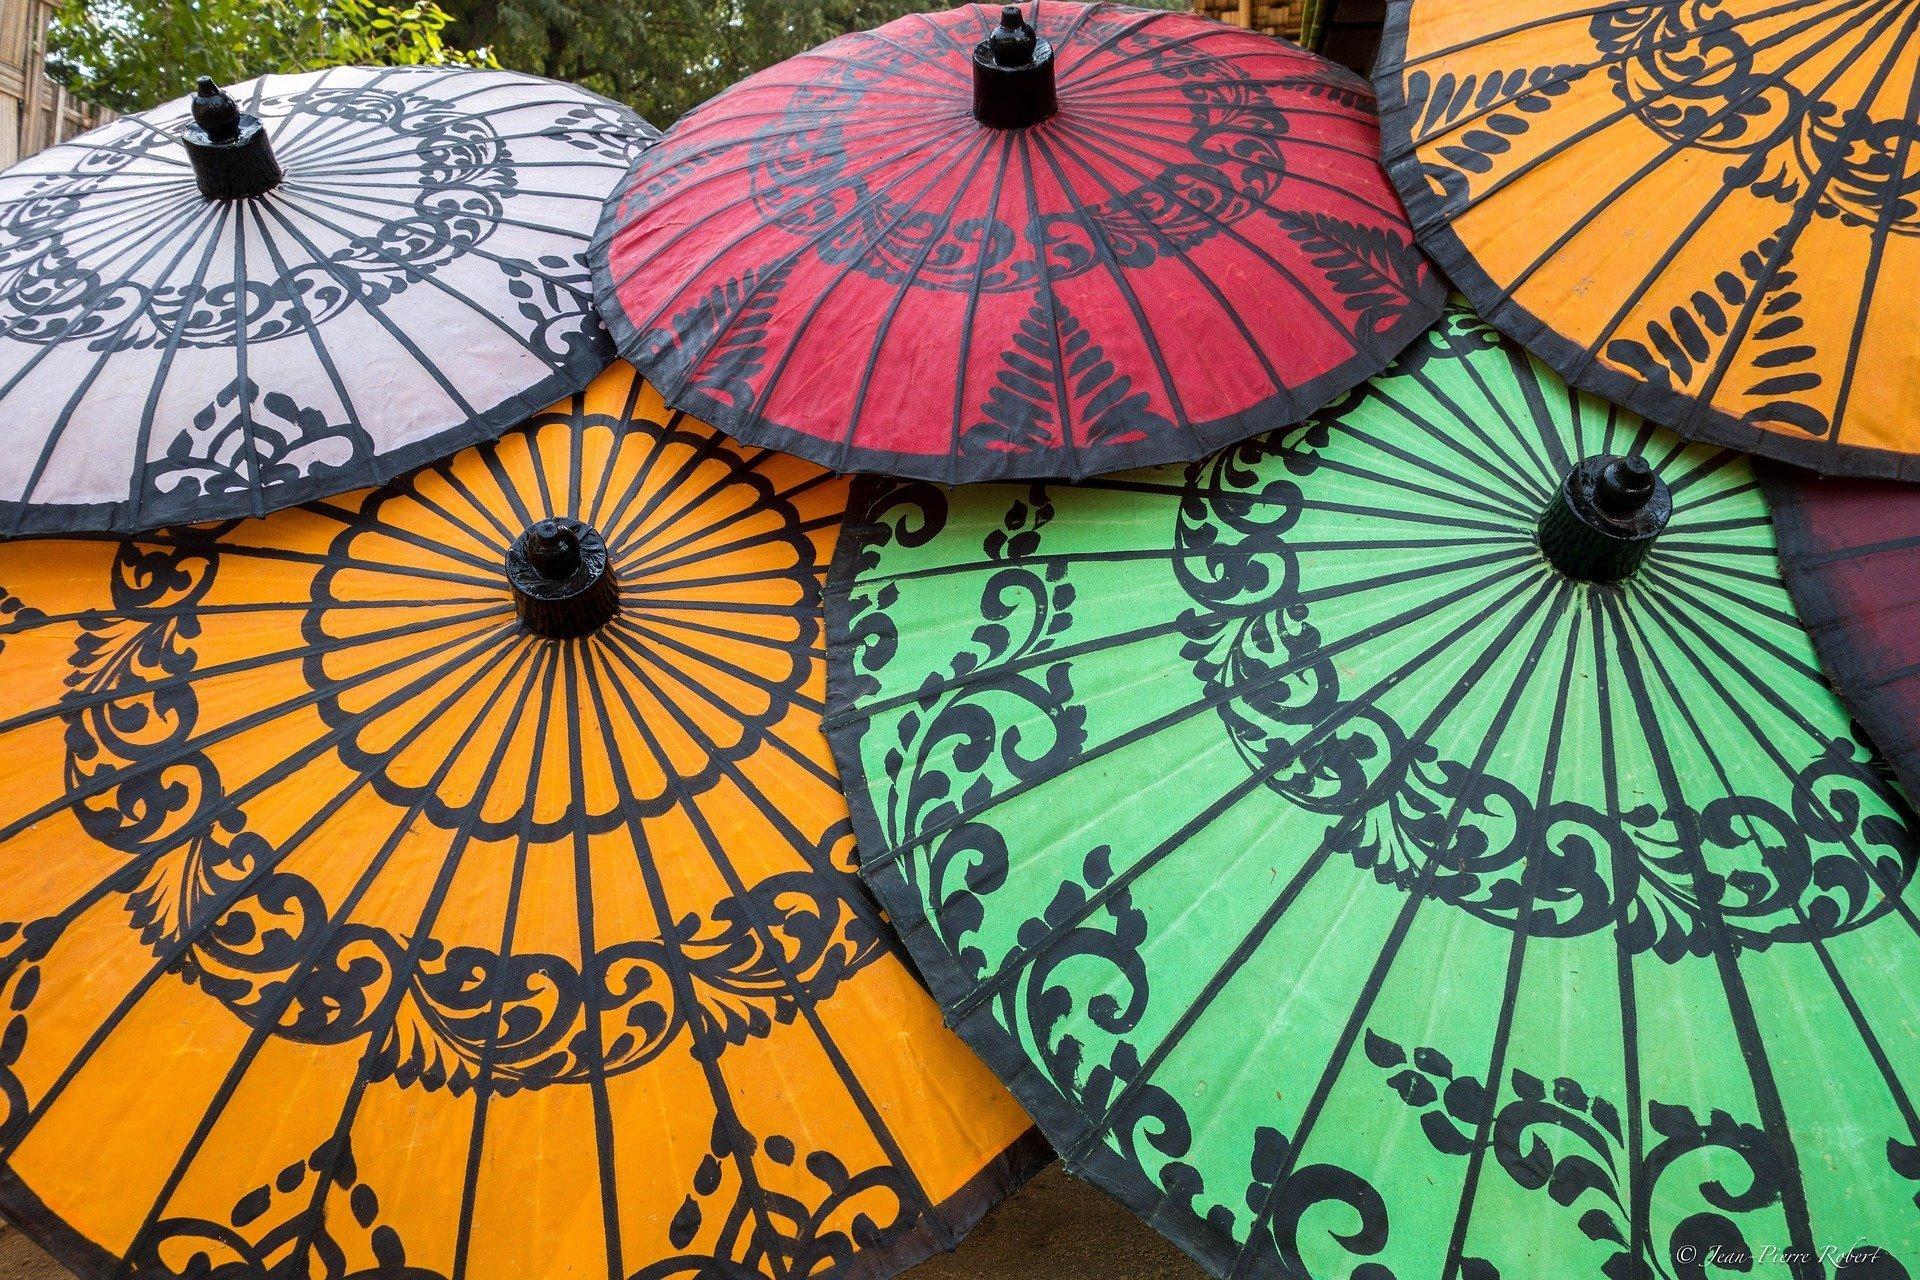 благой зонт картинки наиболее важных